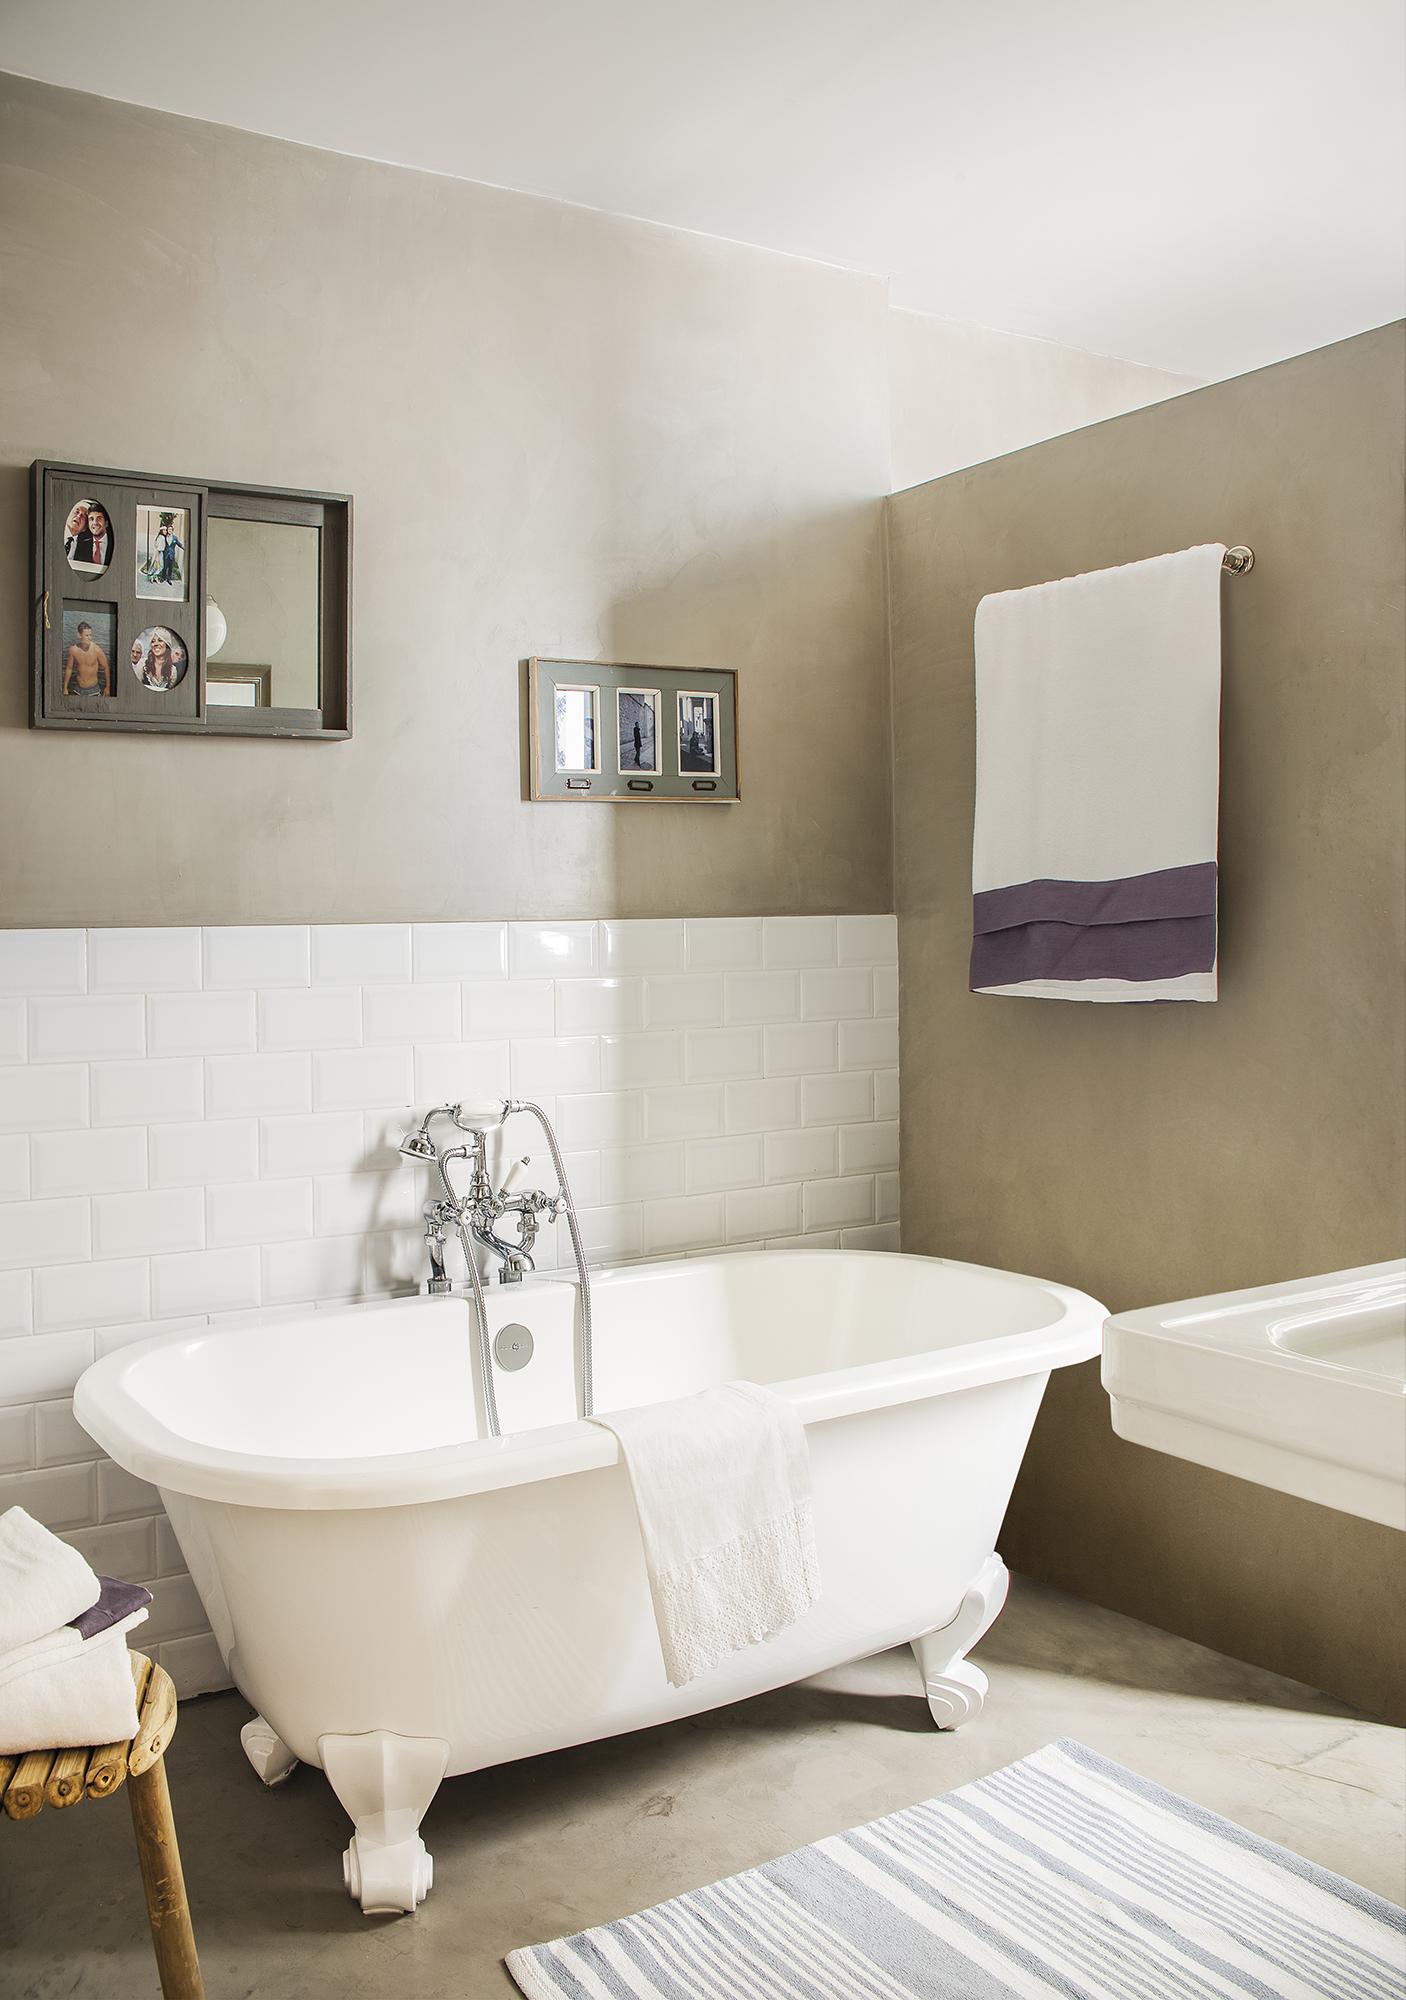 Un piso de 67 m2 en madrid reformado para ampliar la familia - Baneras pequenas roca ...